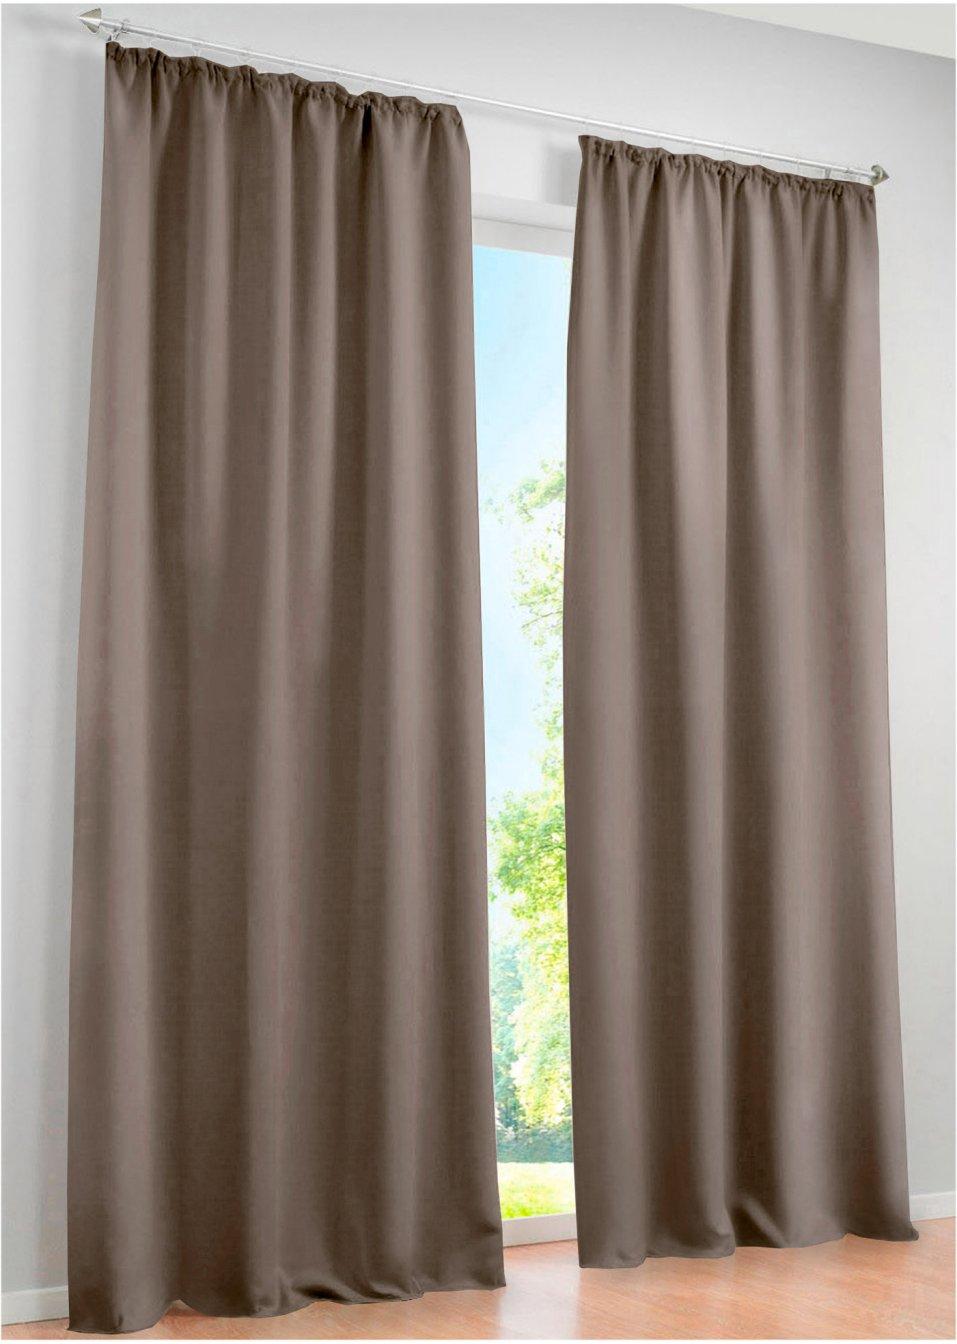 Verdunkelungsvorhänge Licht Und Sichtschutz Bonprix - Verdunkelungsvorhang schlafzimmer